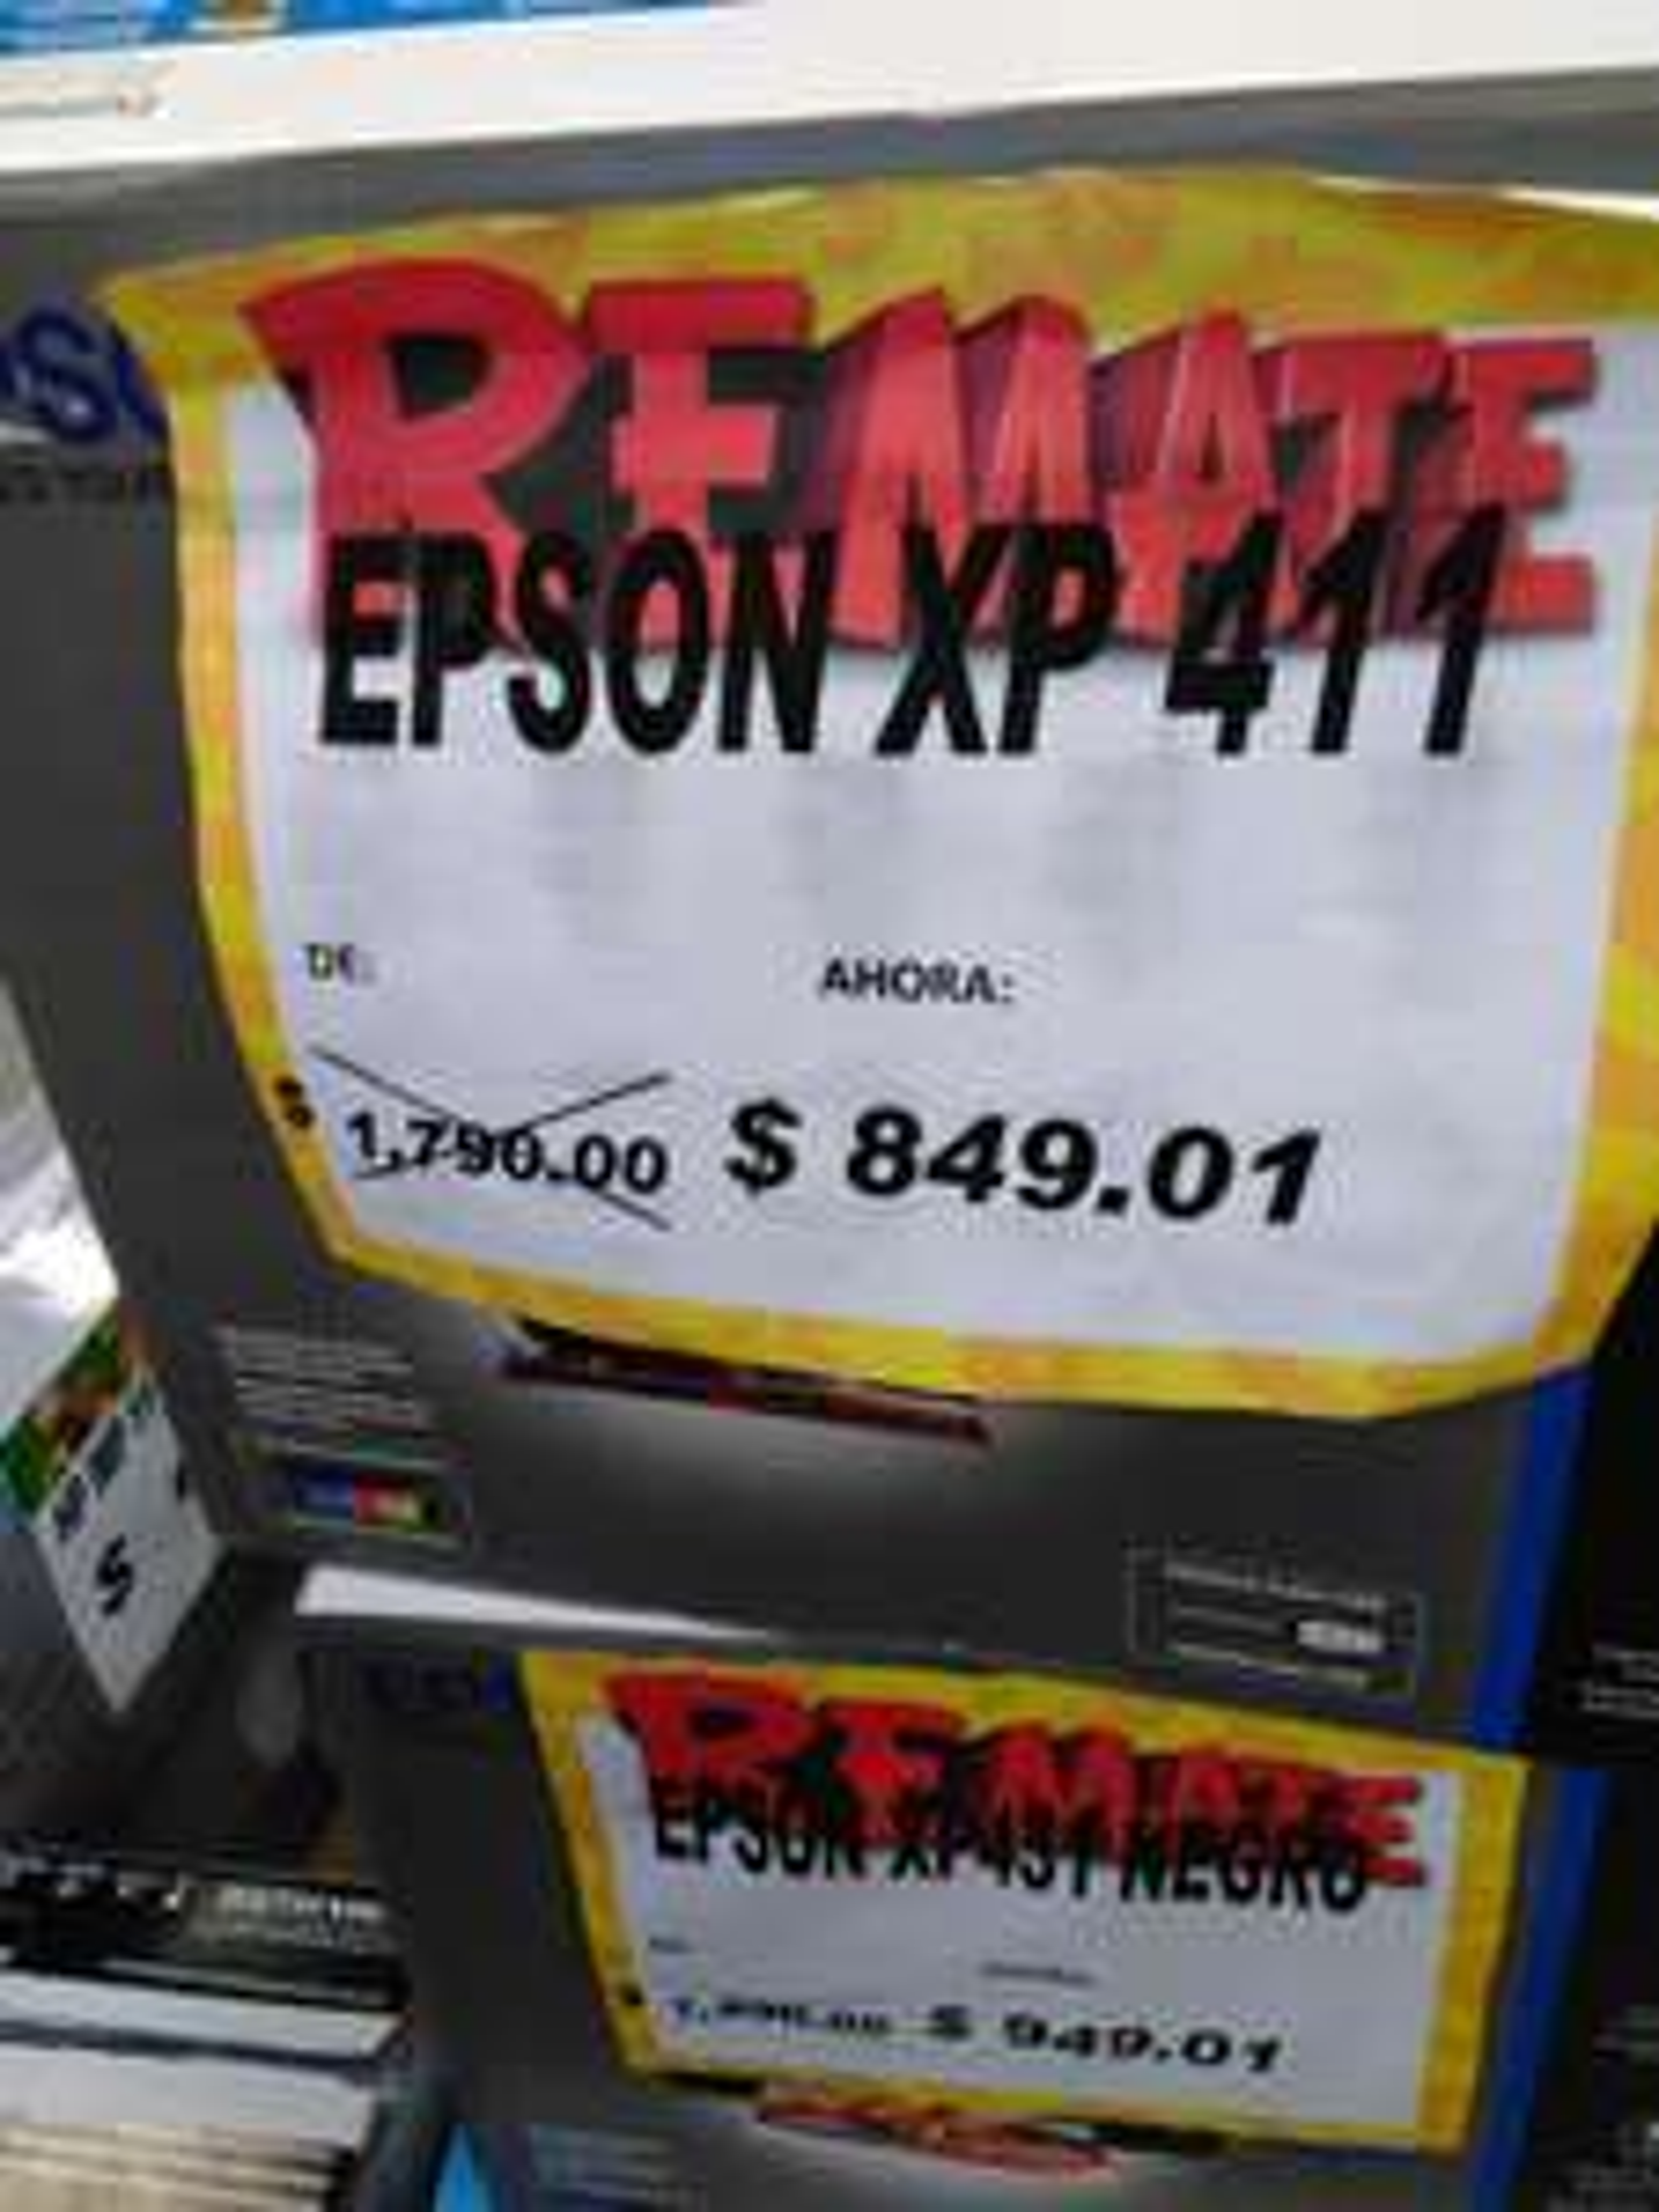 Bodega Aurrerá Tampico: epson xp 411 y otras en liquidación